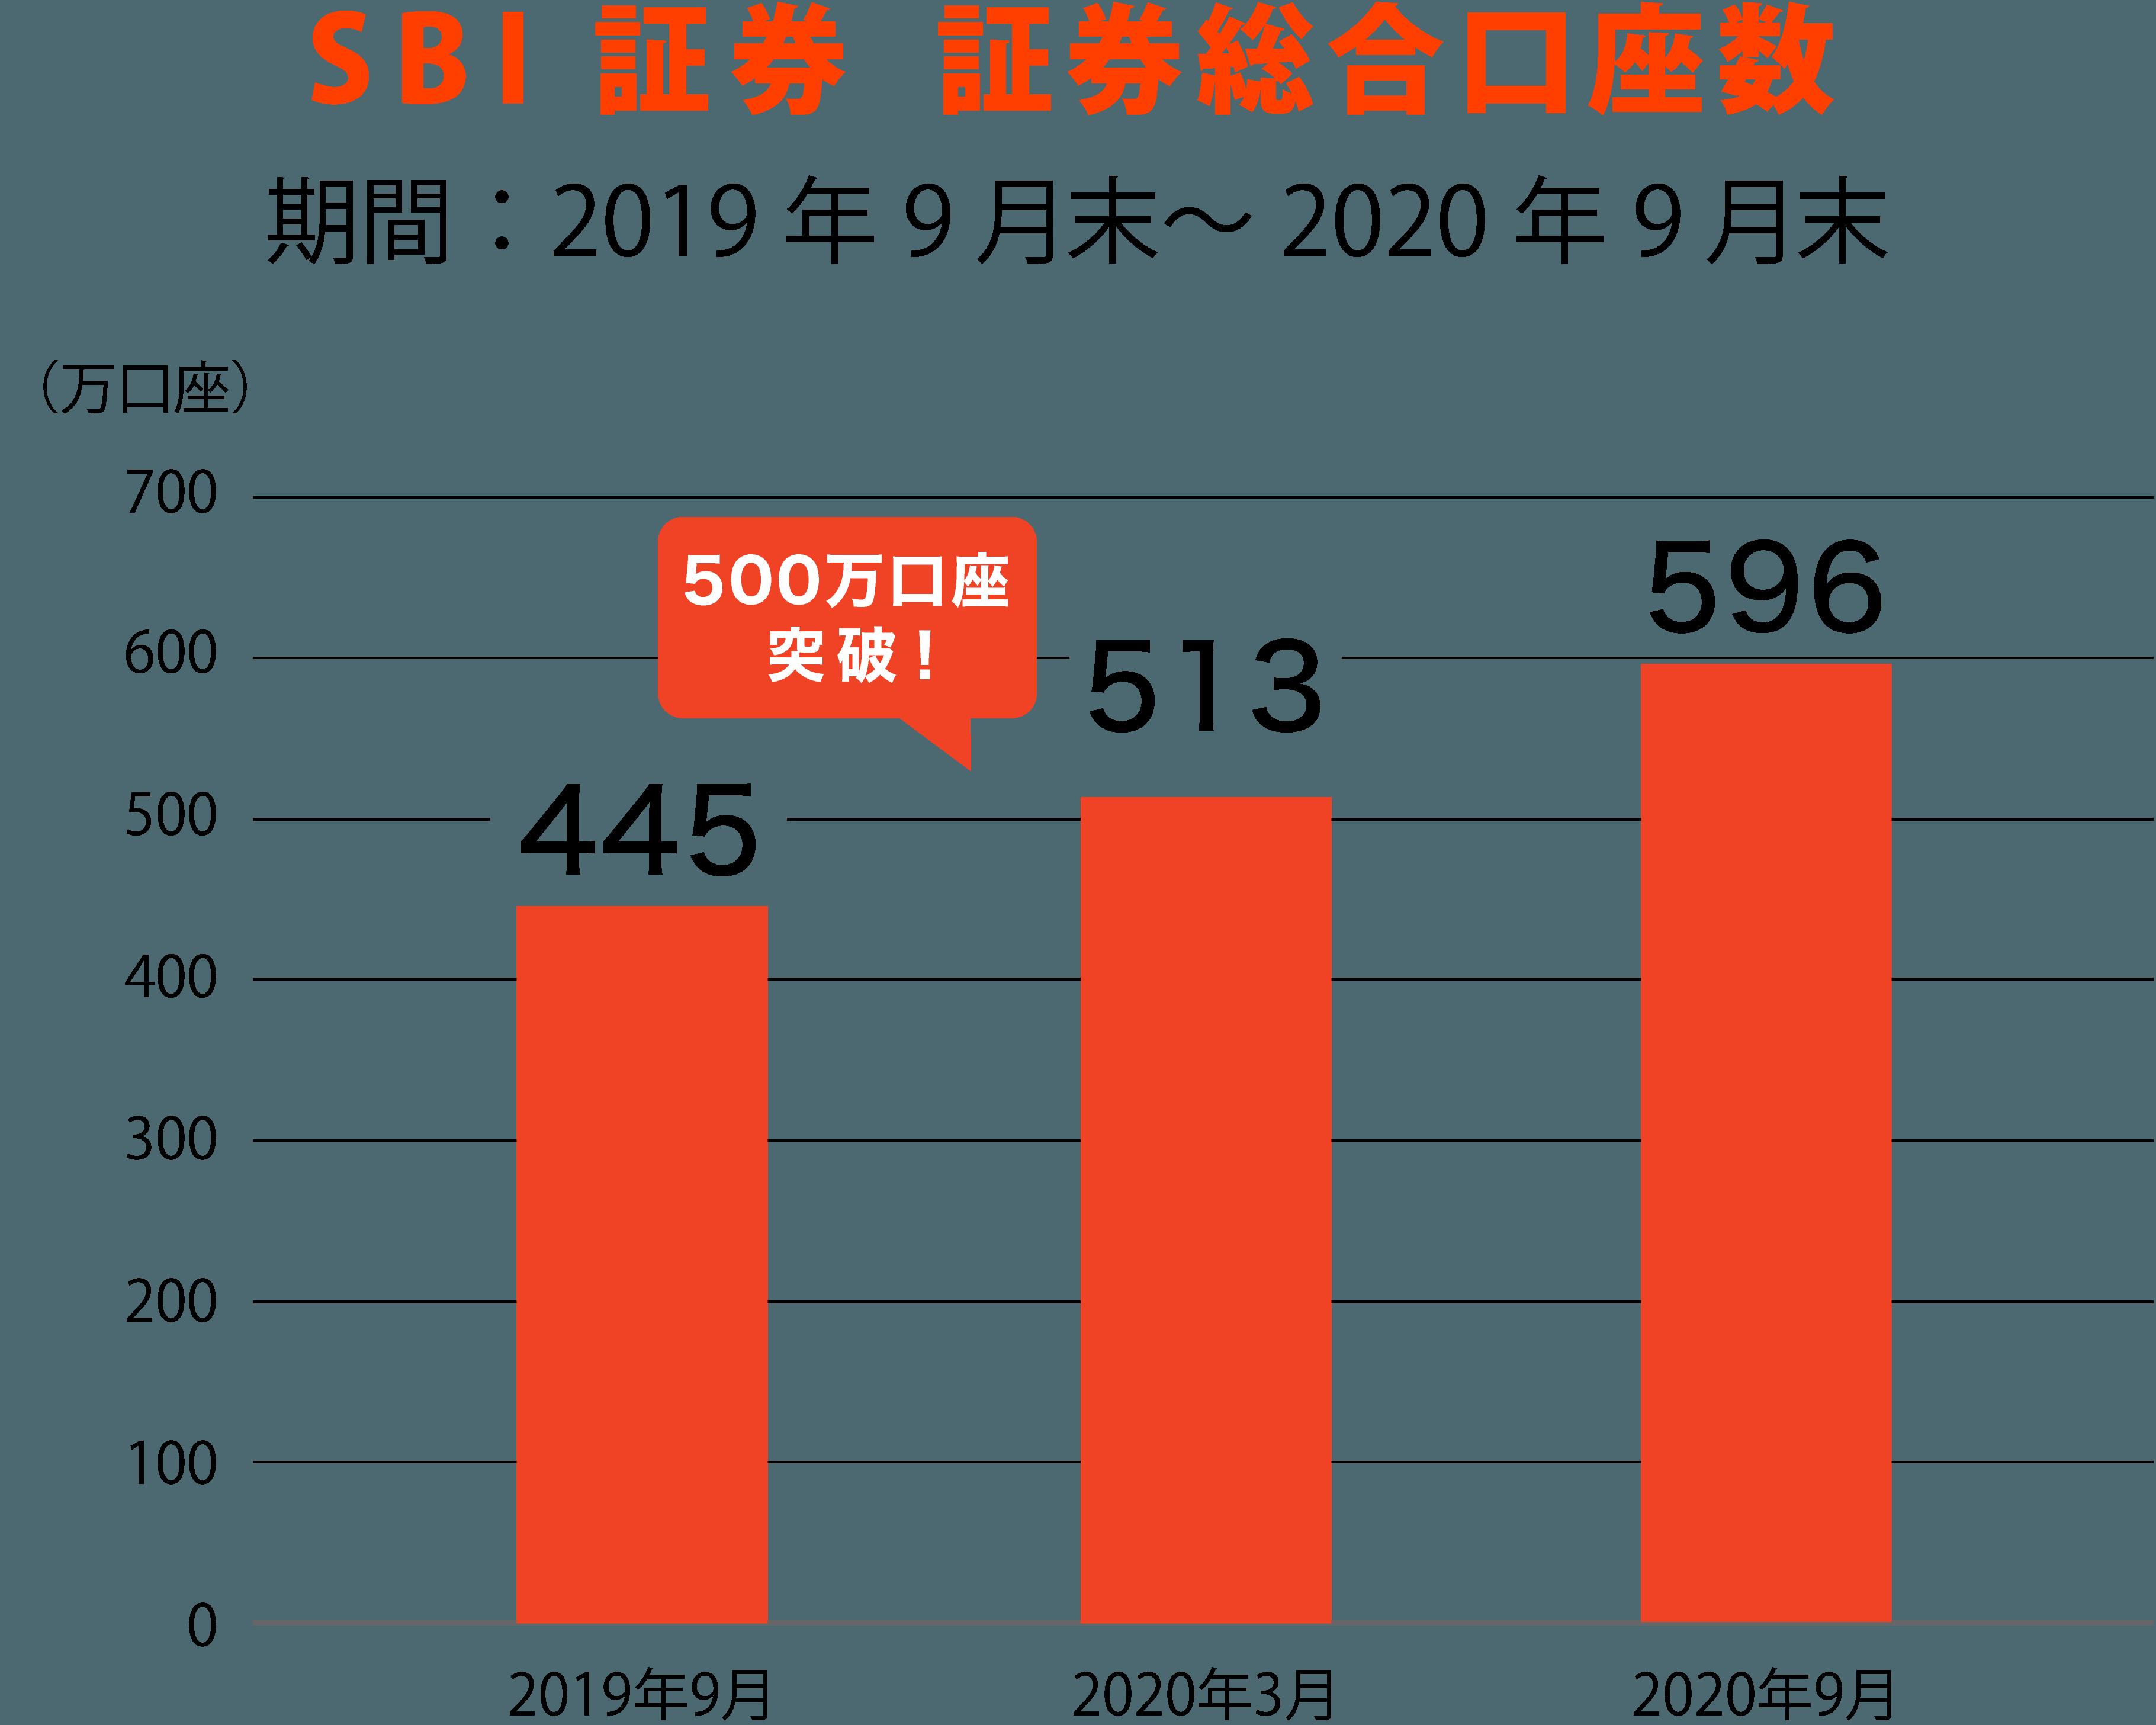 SBI証券株式会社証券総合口座数